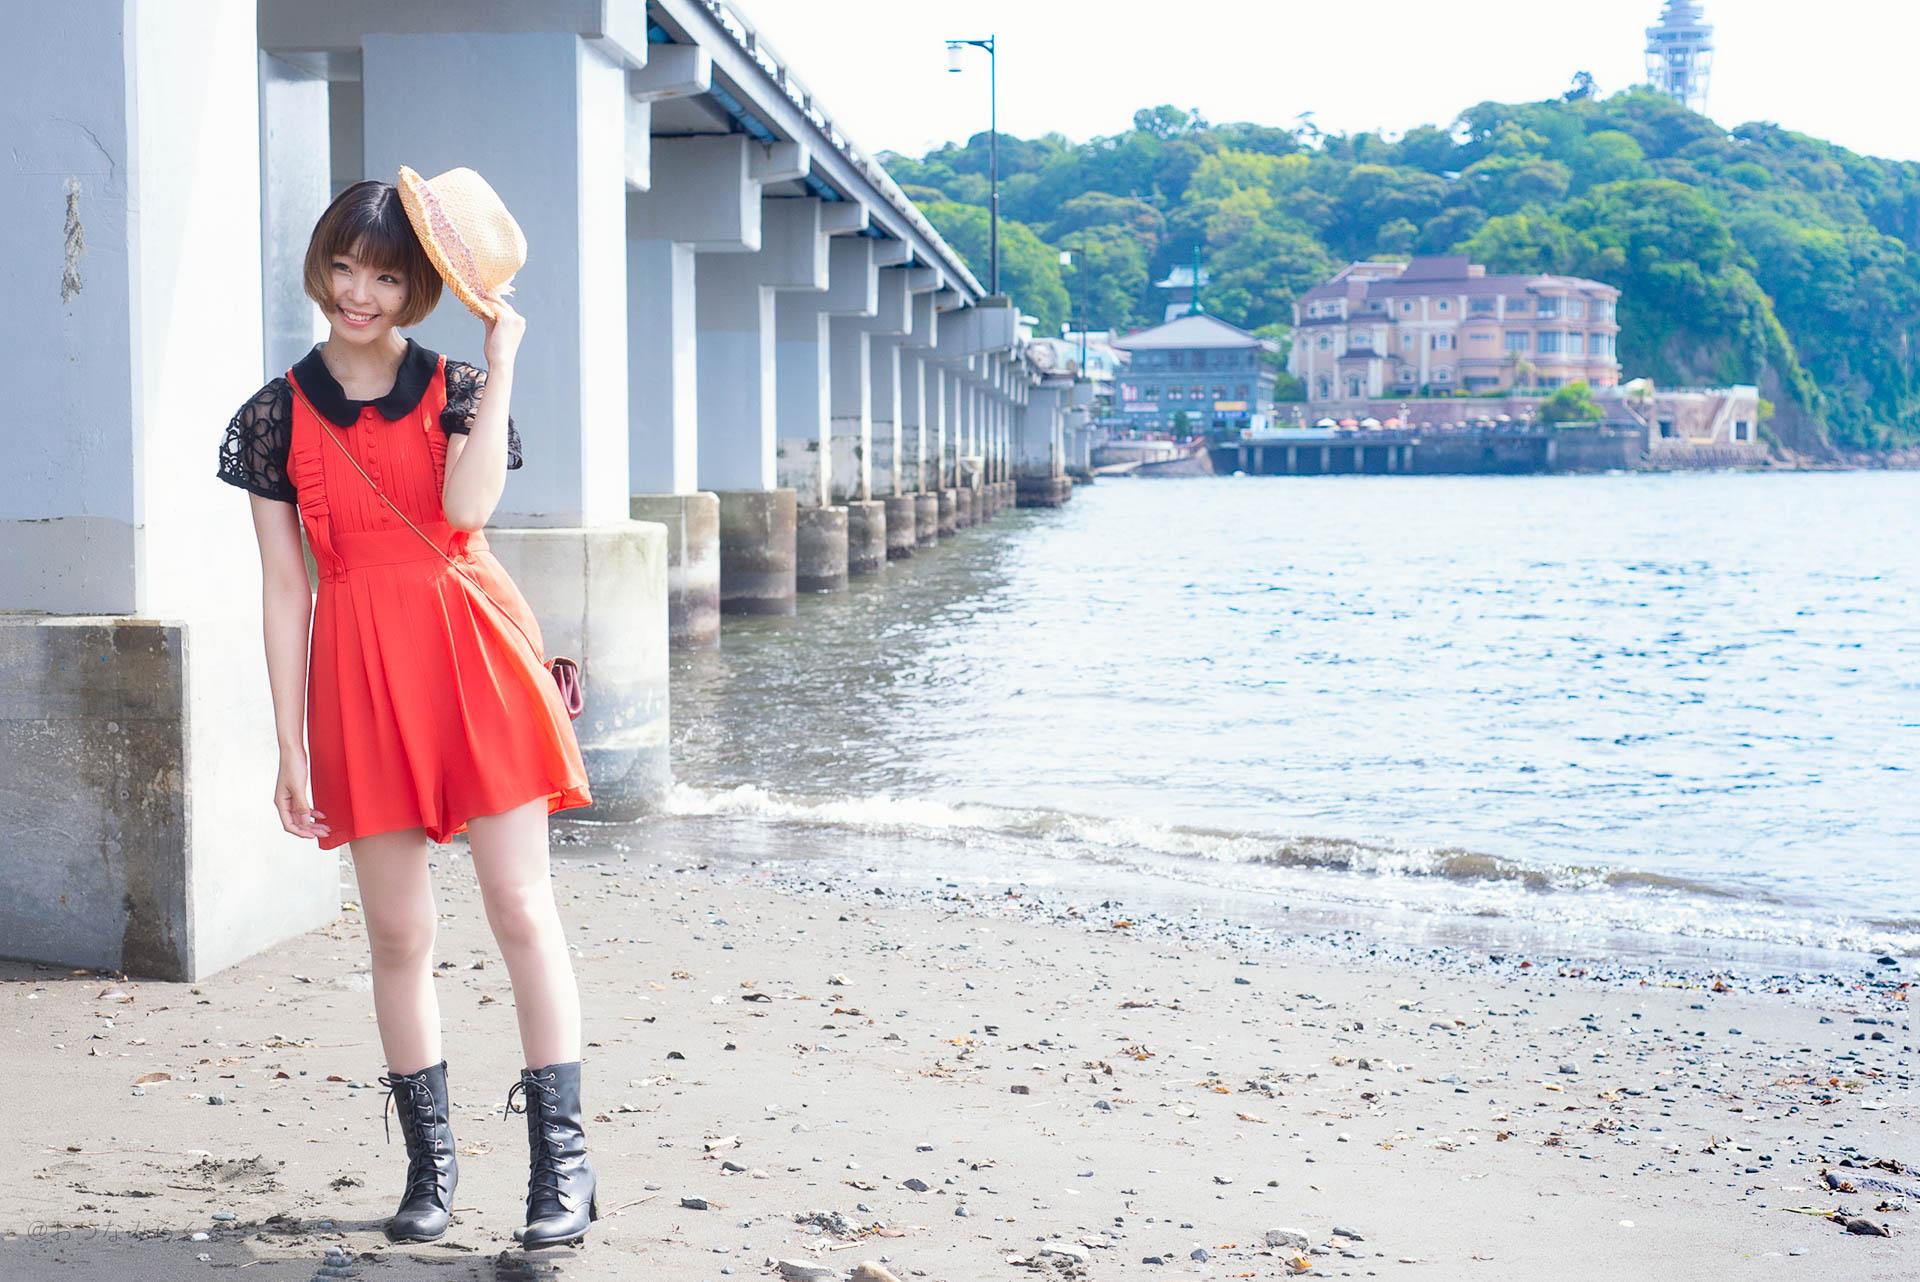 江ノ島 観光 おすすめ